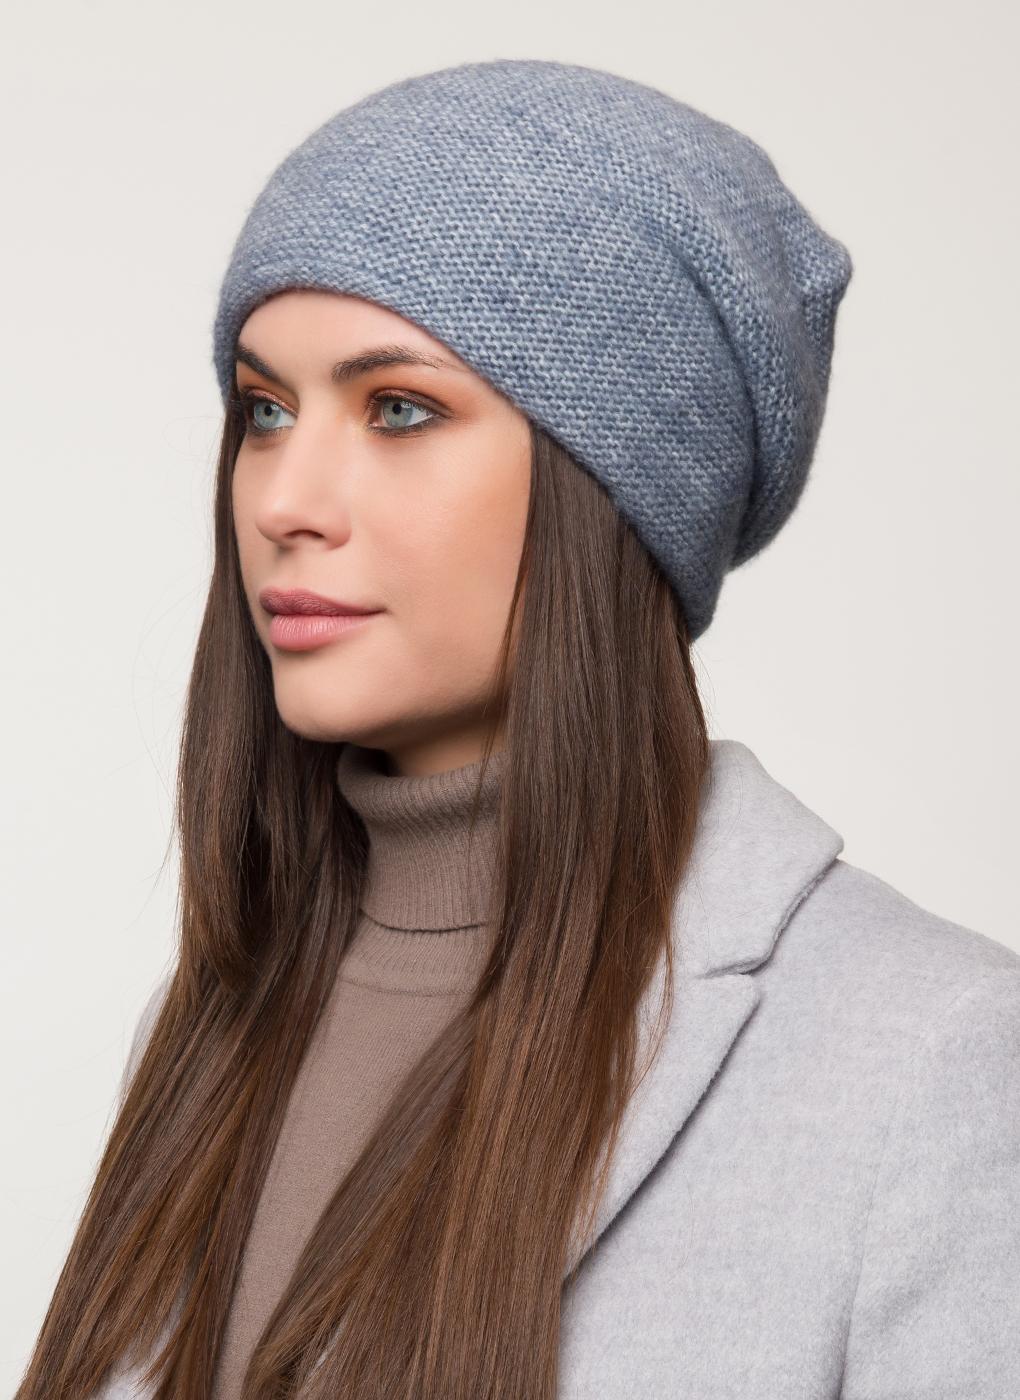 Вязаная шапка 30, Nell фото